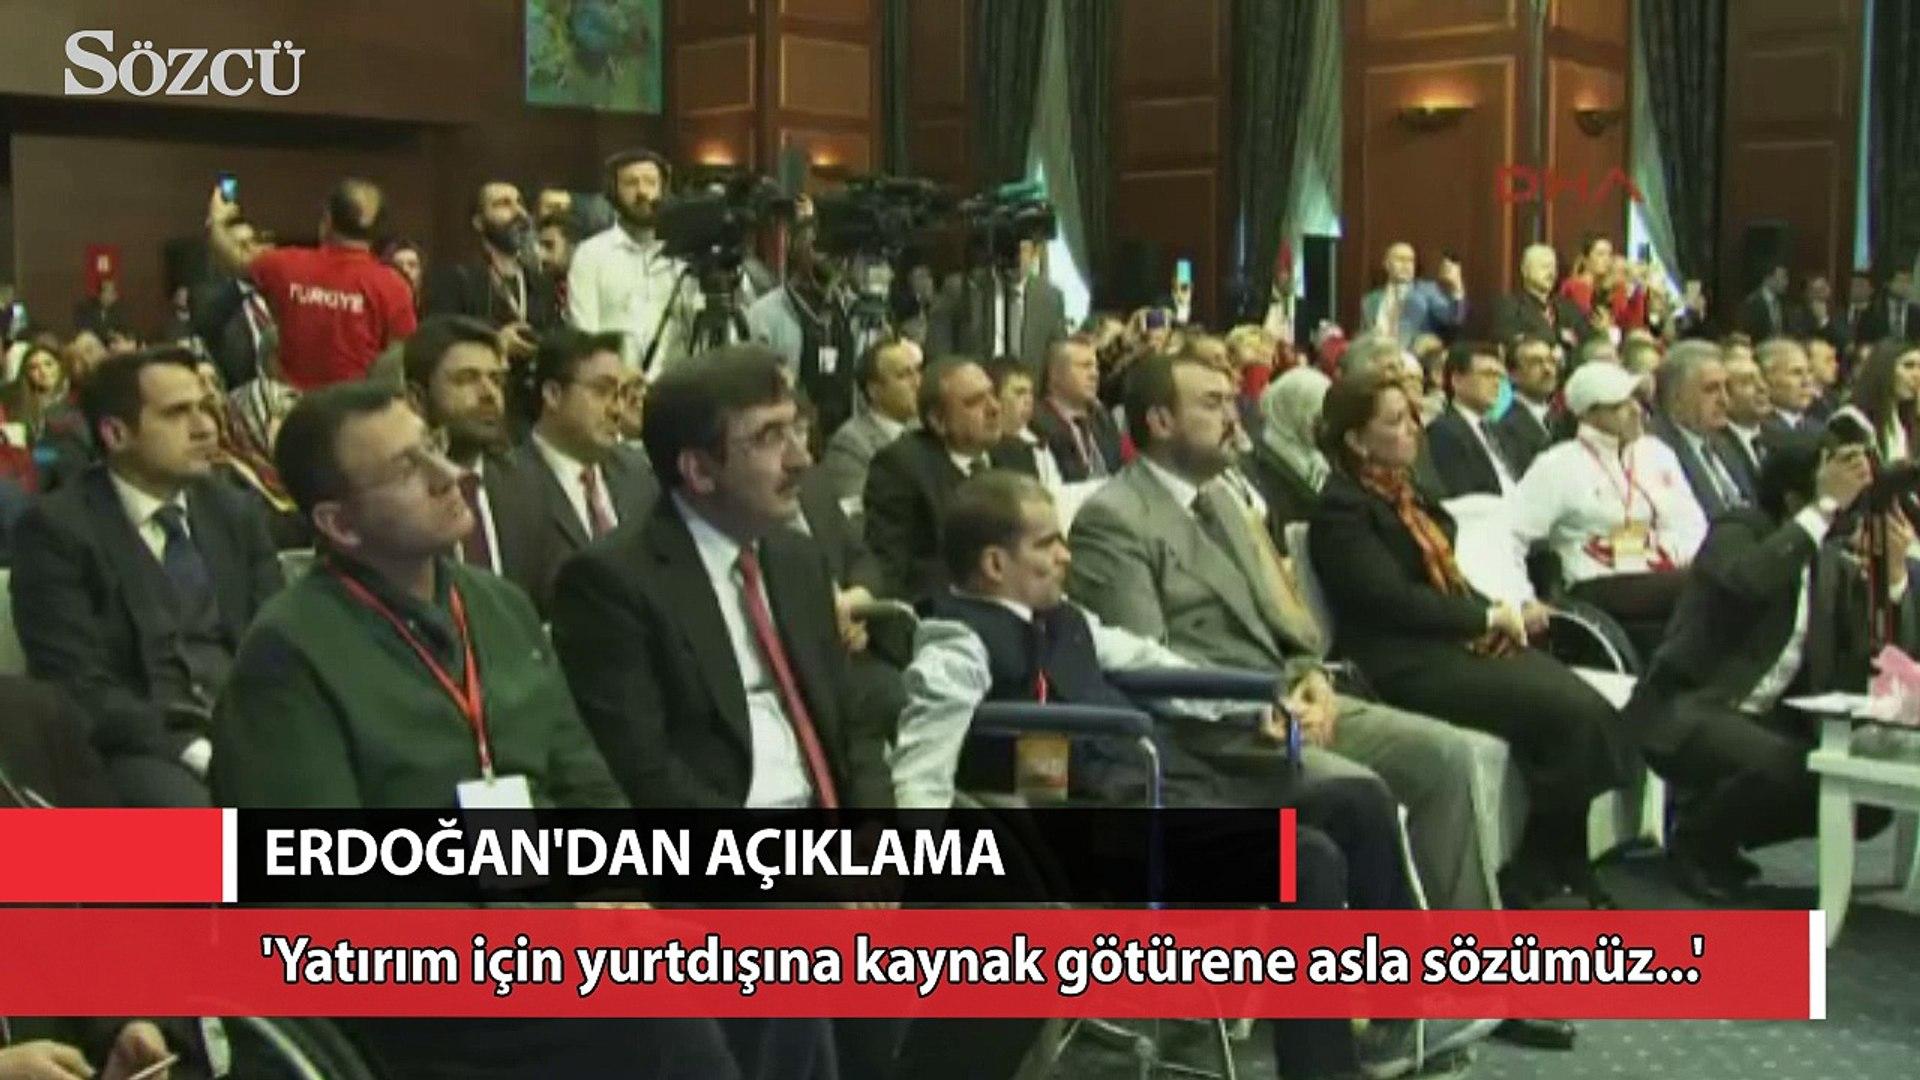 Erdoğan 'Yurtdışına para kaçırıyorlar' açıklamasına açıklık getirdi